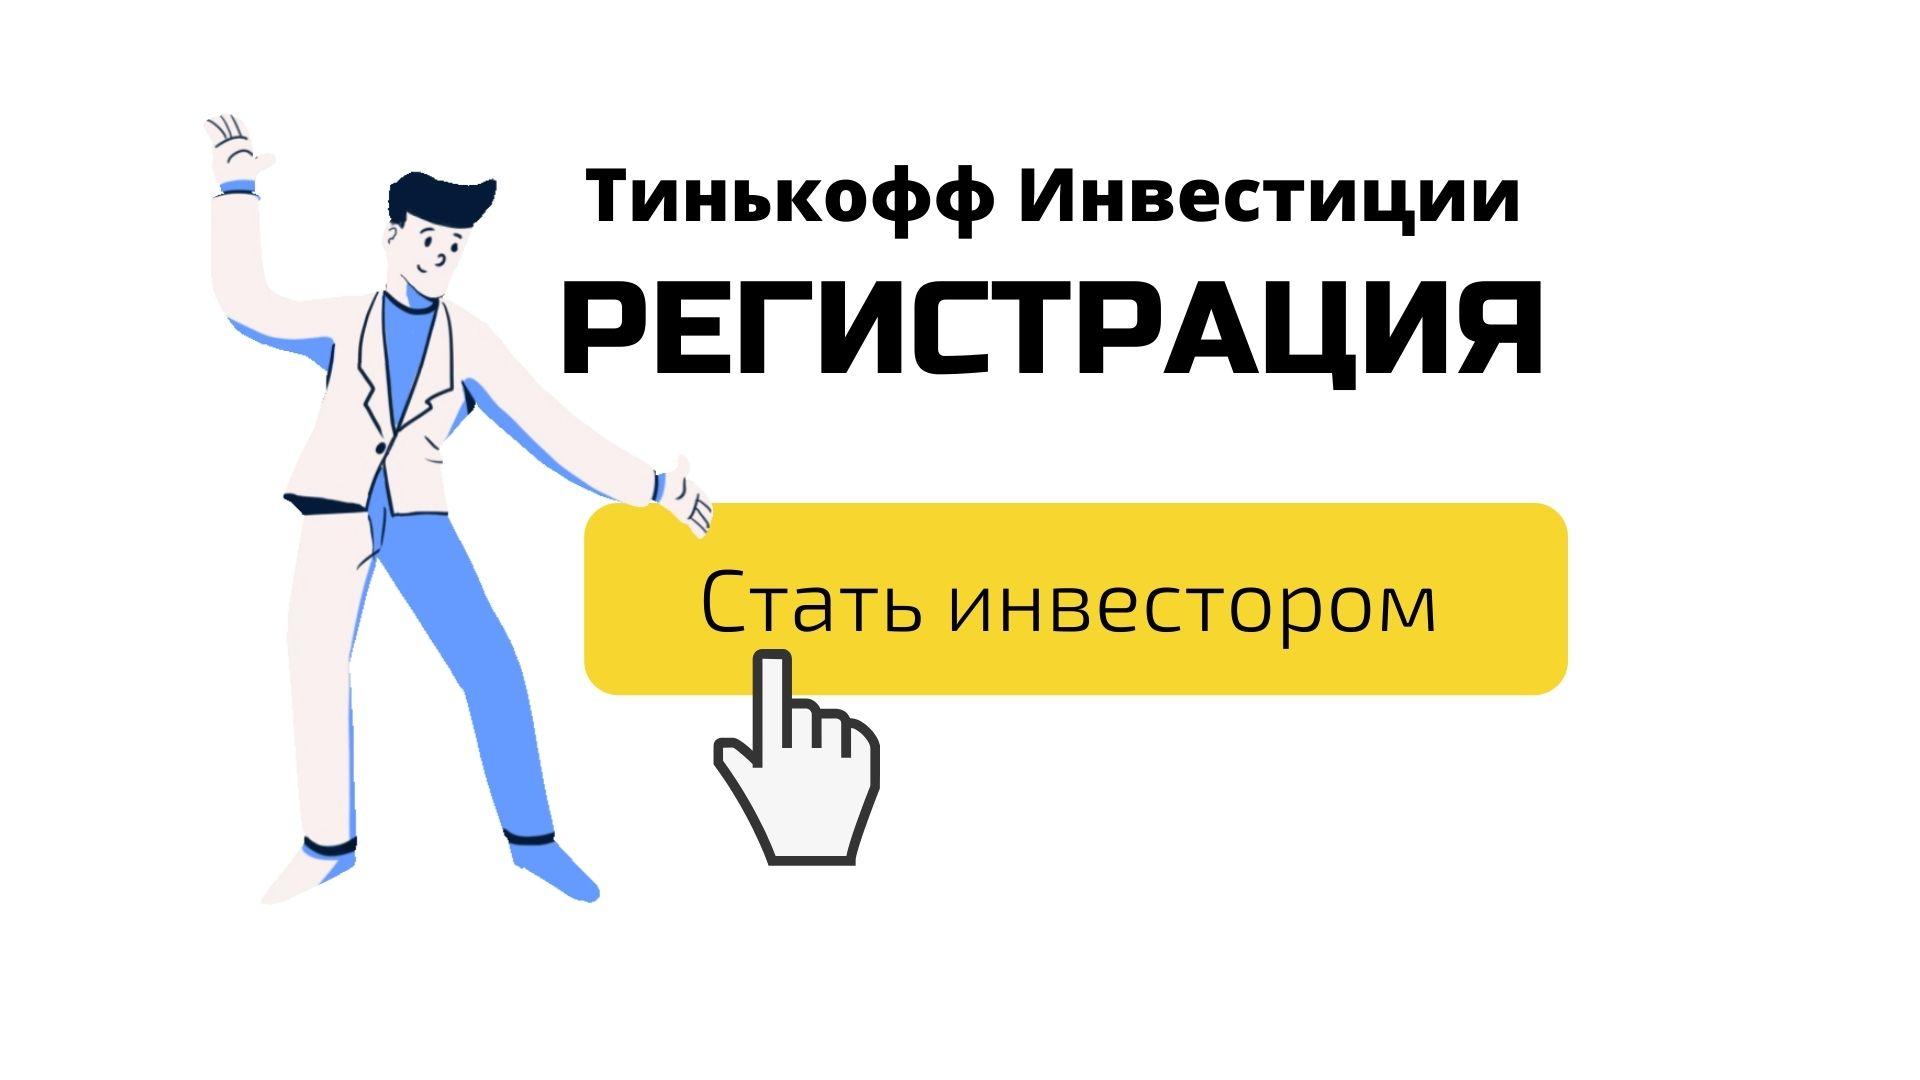 Как зарегистрироваться в Тинькофф Инвестиции